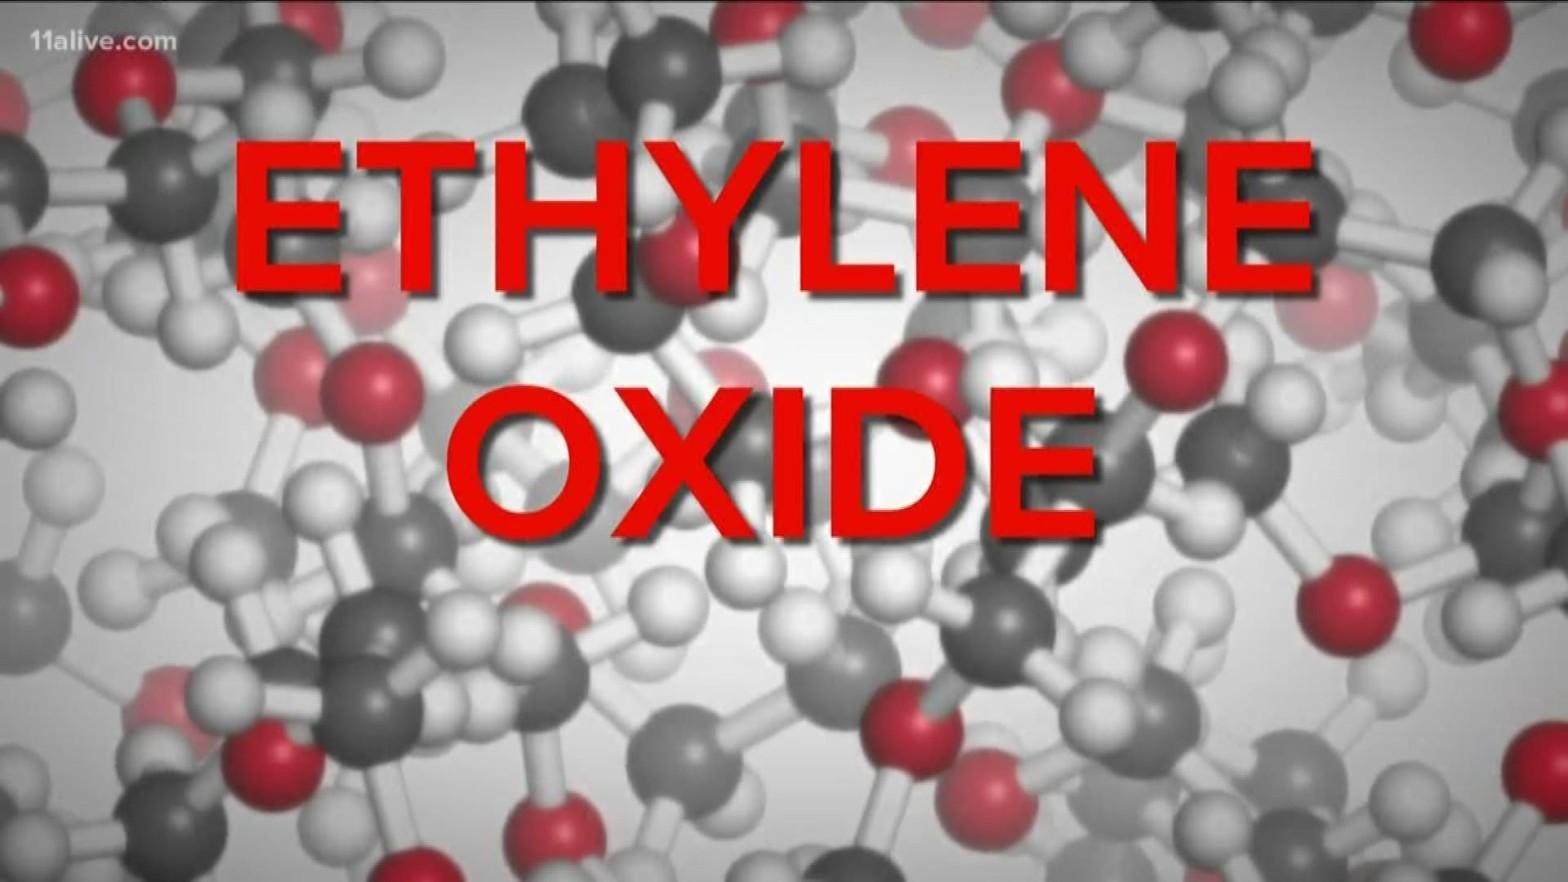 Ethylene Oxide là chất gì, tác hại thế nào?